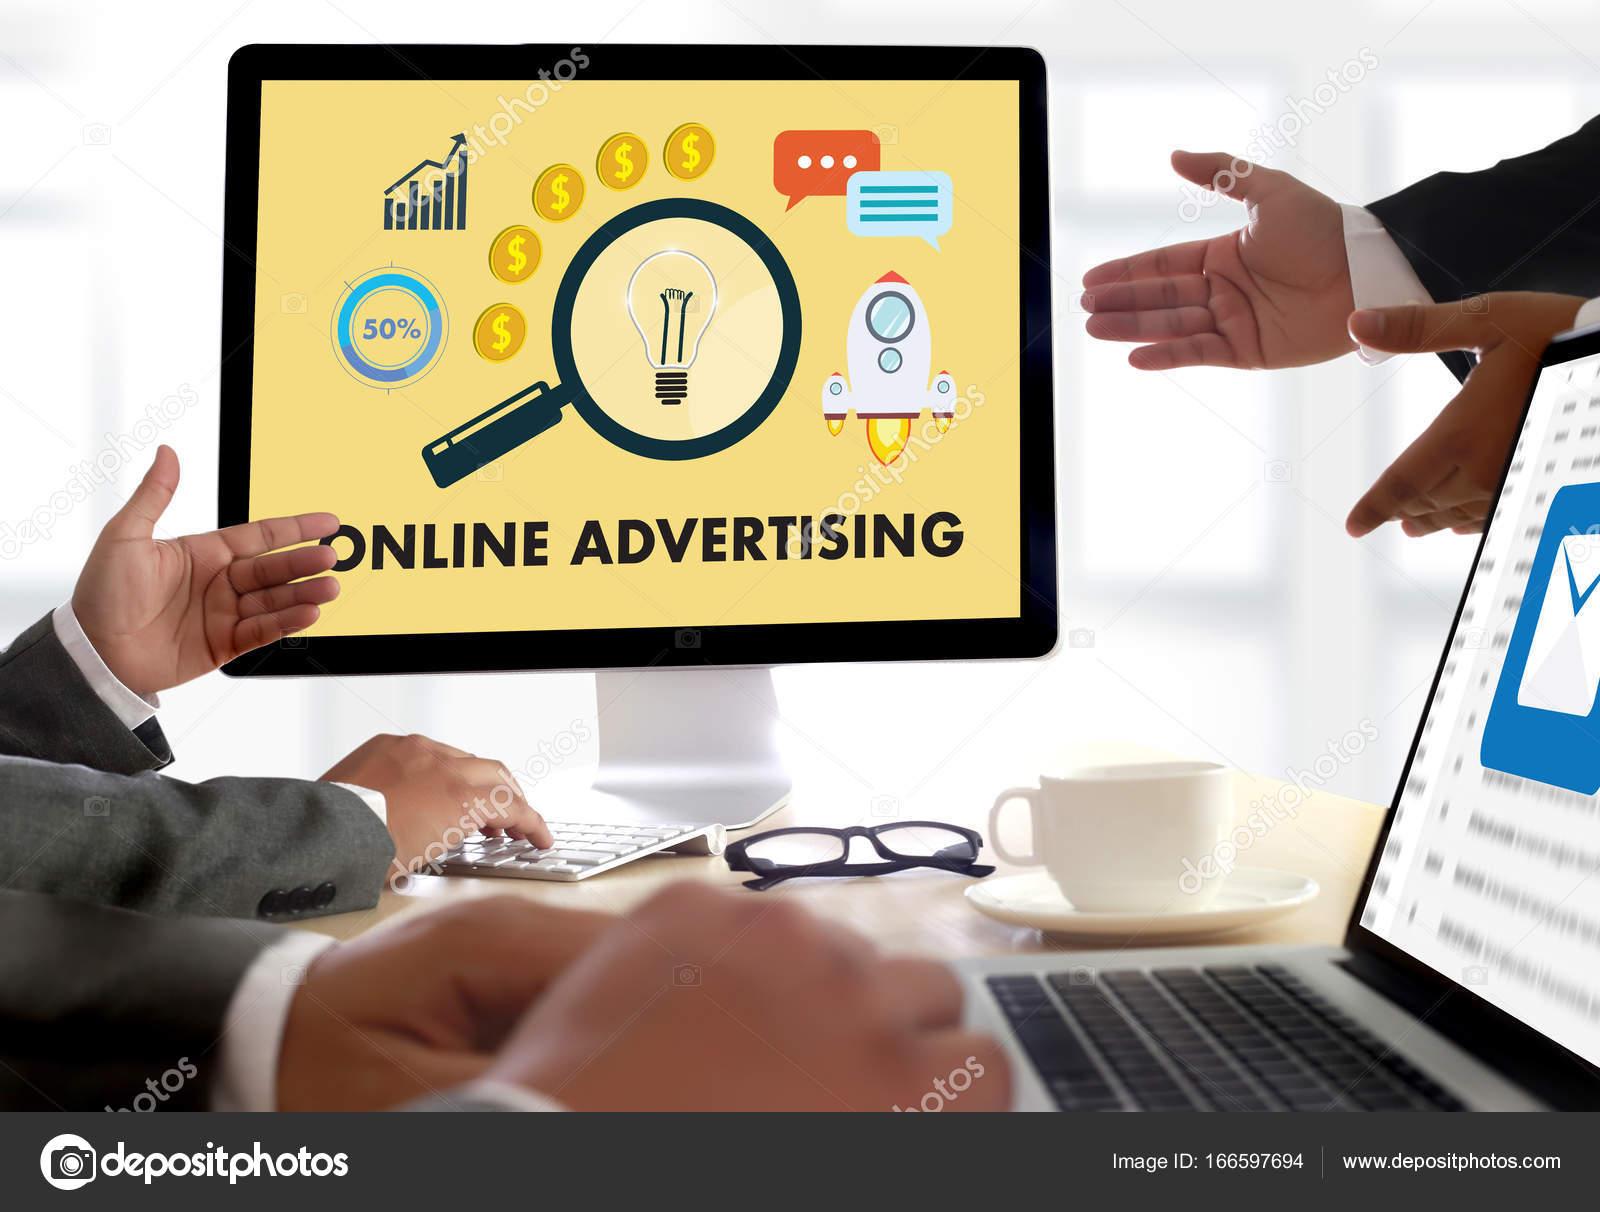 Реклама job сайта работает ли яндекс директ отзывы